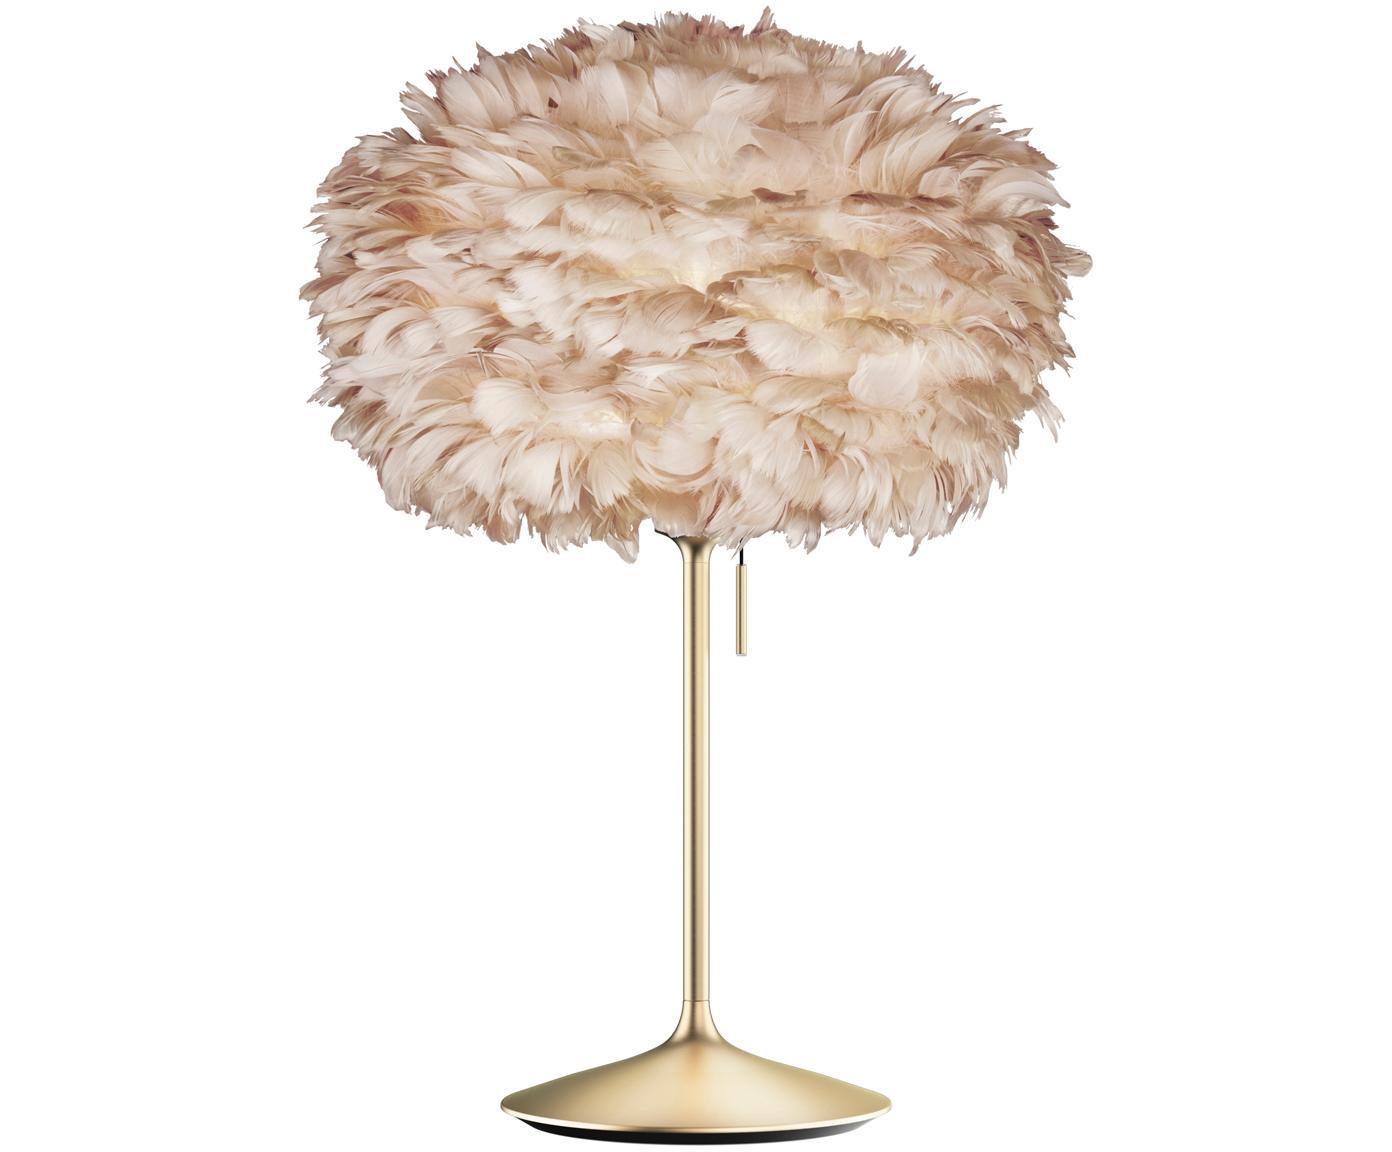 Duża lampa stołowa Eos Champagne, Stelaż: stal, Jasny brązowy, mosiądz, Ø 45 x W 72 cm